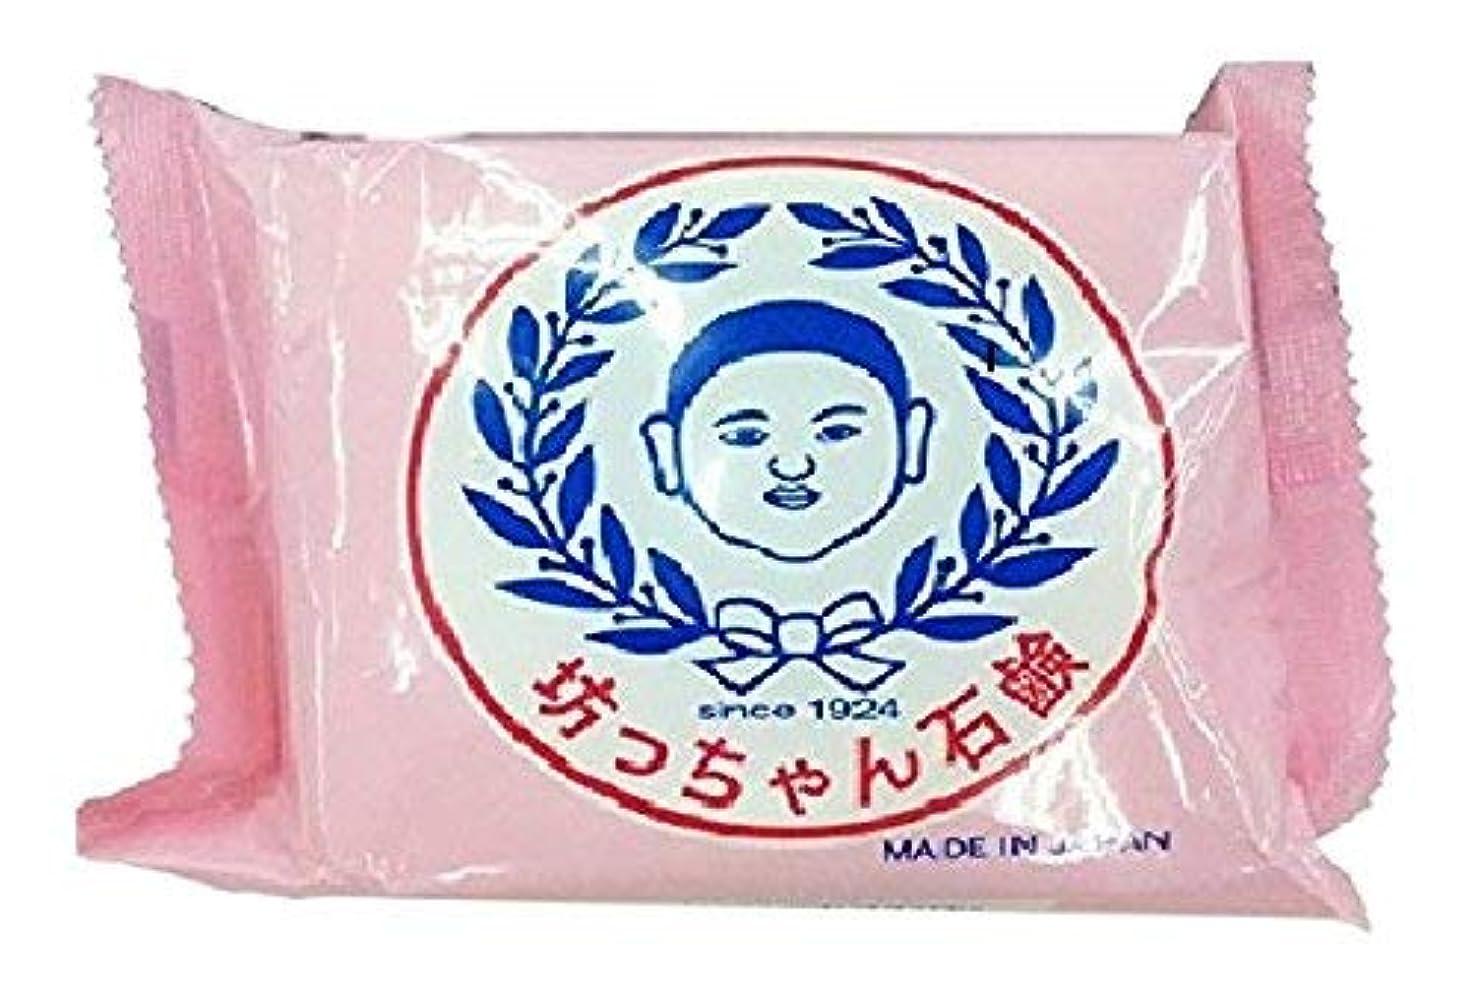 舗装思いつく文芸【まとめ買い】坊っちゃん石鹸 釜出し一番 175g ×2個